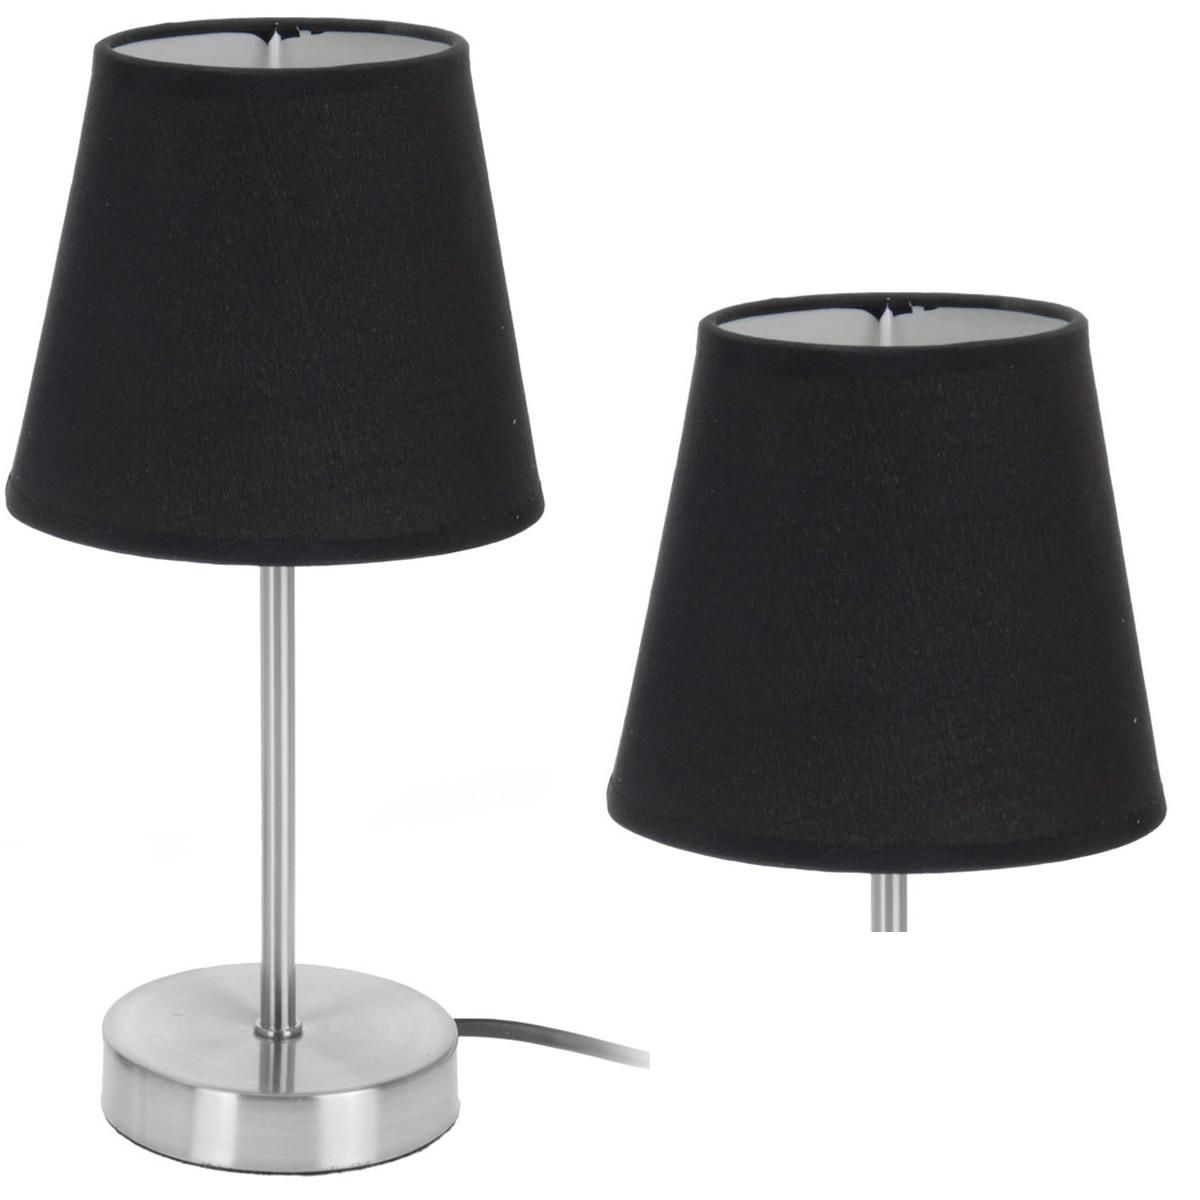 design tischleuchte tischlampe b roleuchte schreibtischleuchte schreibtischlampe ebay. Black Bedroom Furniture Sets. Home Design Ideas